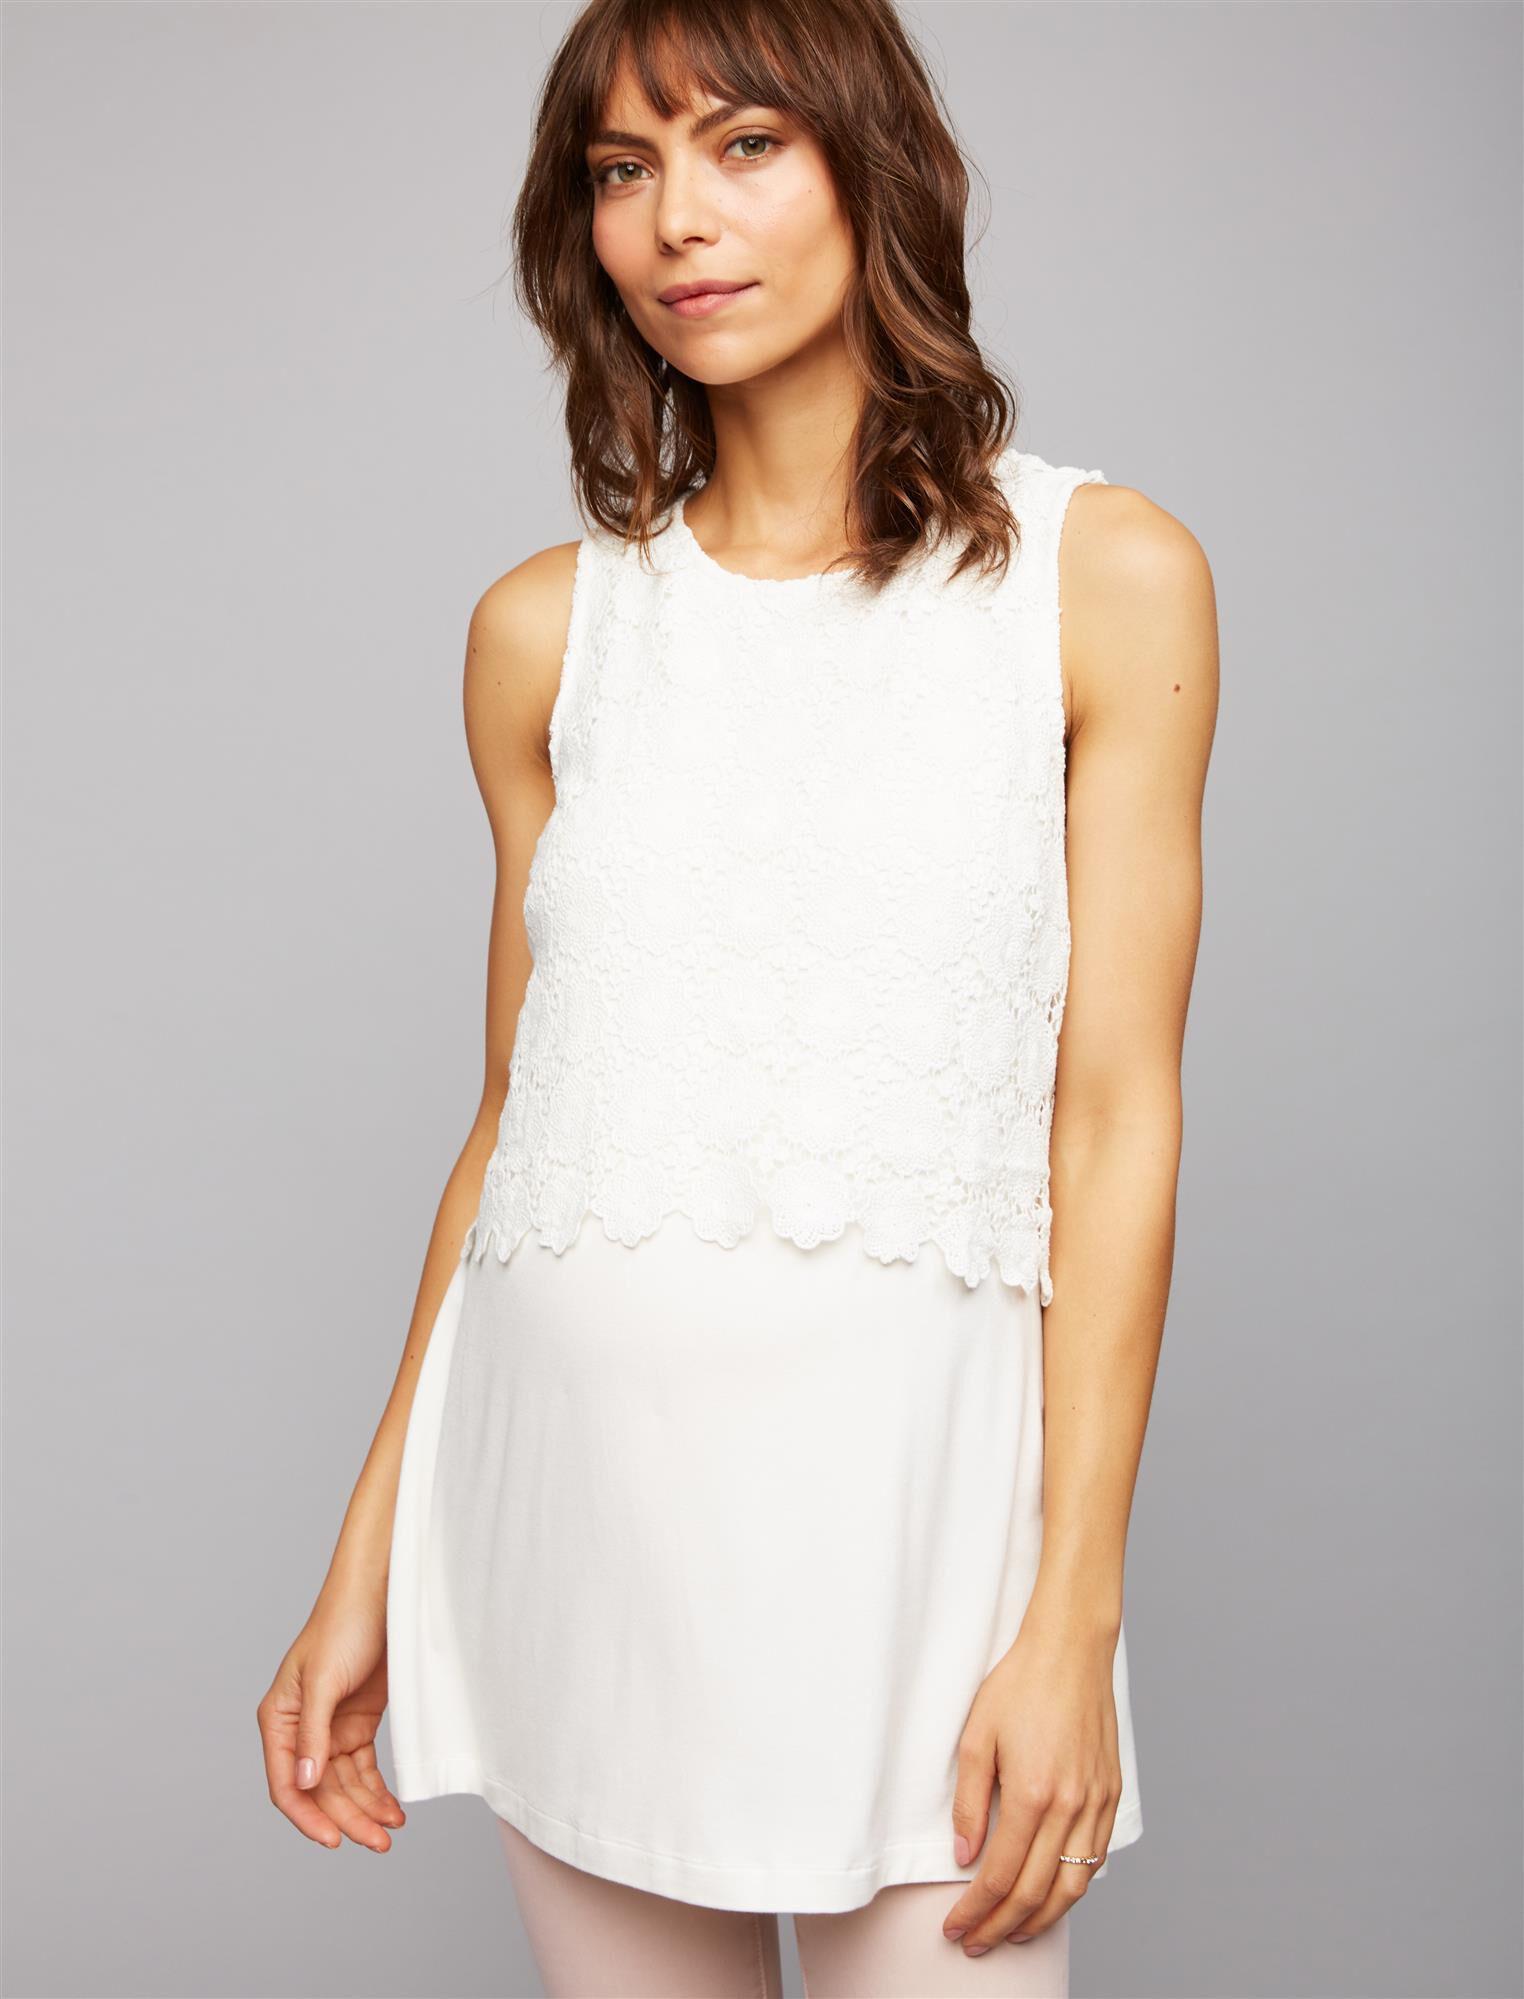 Luxe Essentials Denim Crochet Maternity Tank Top